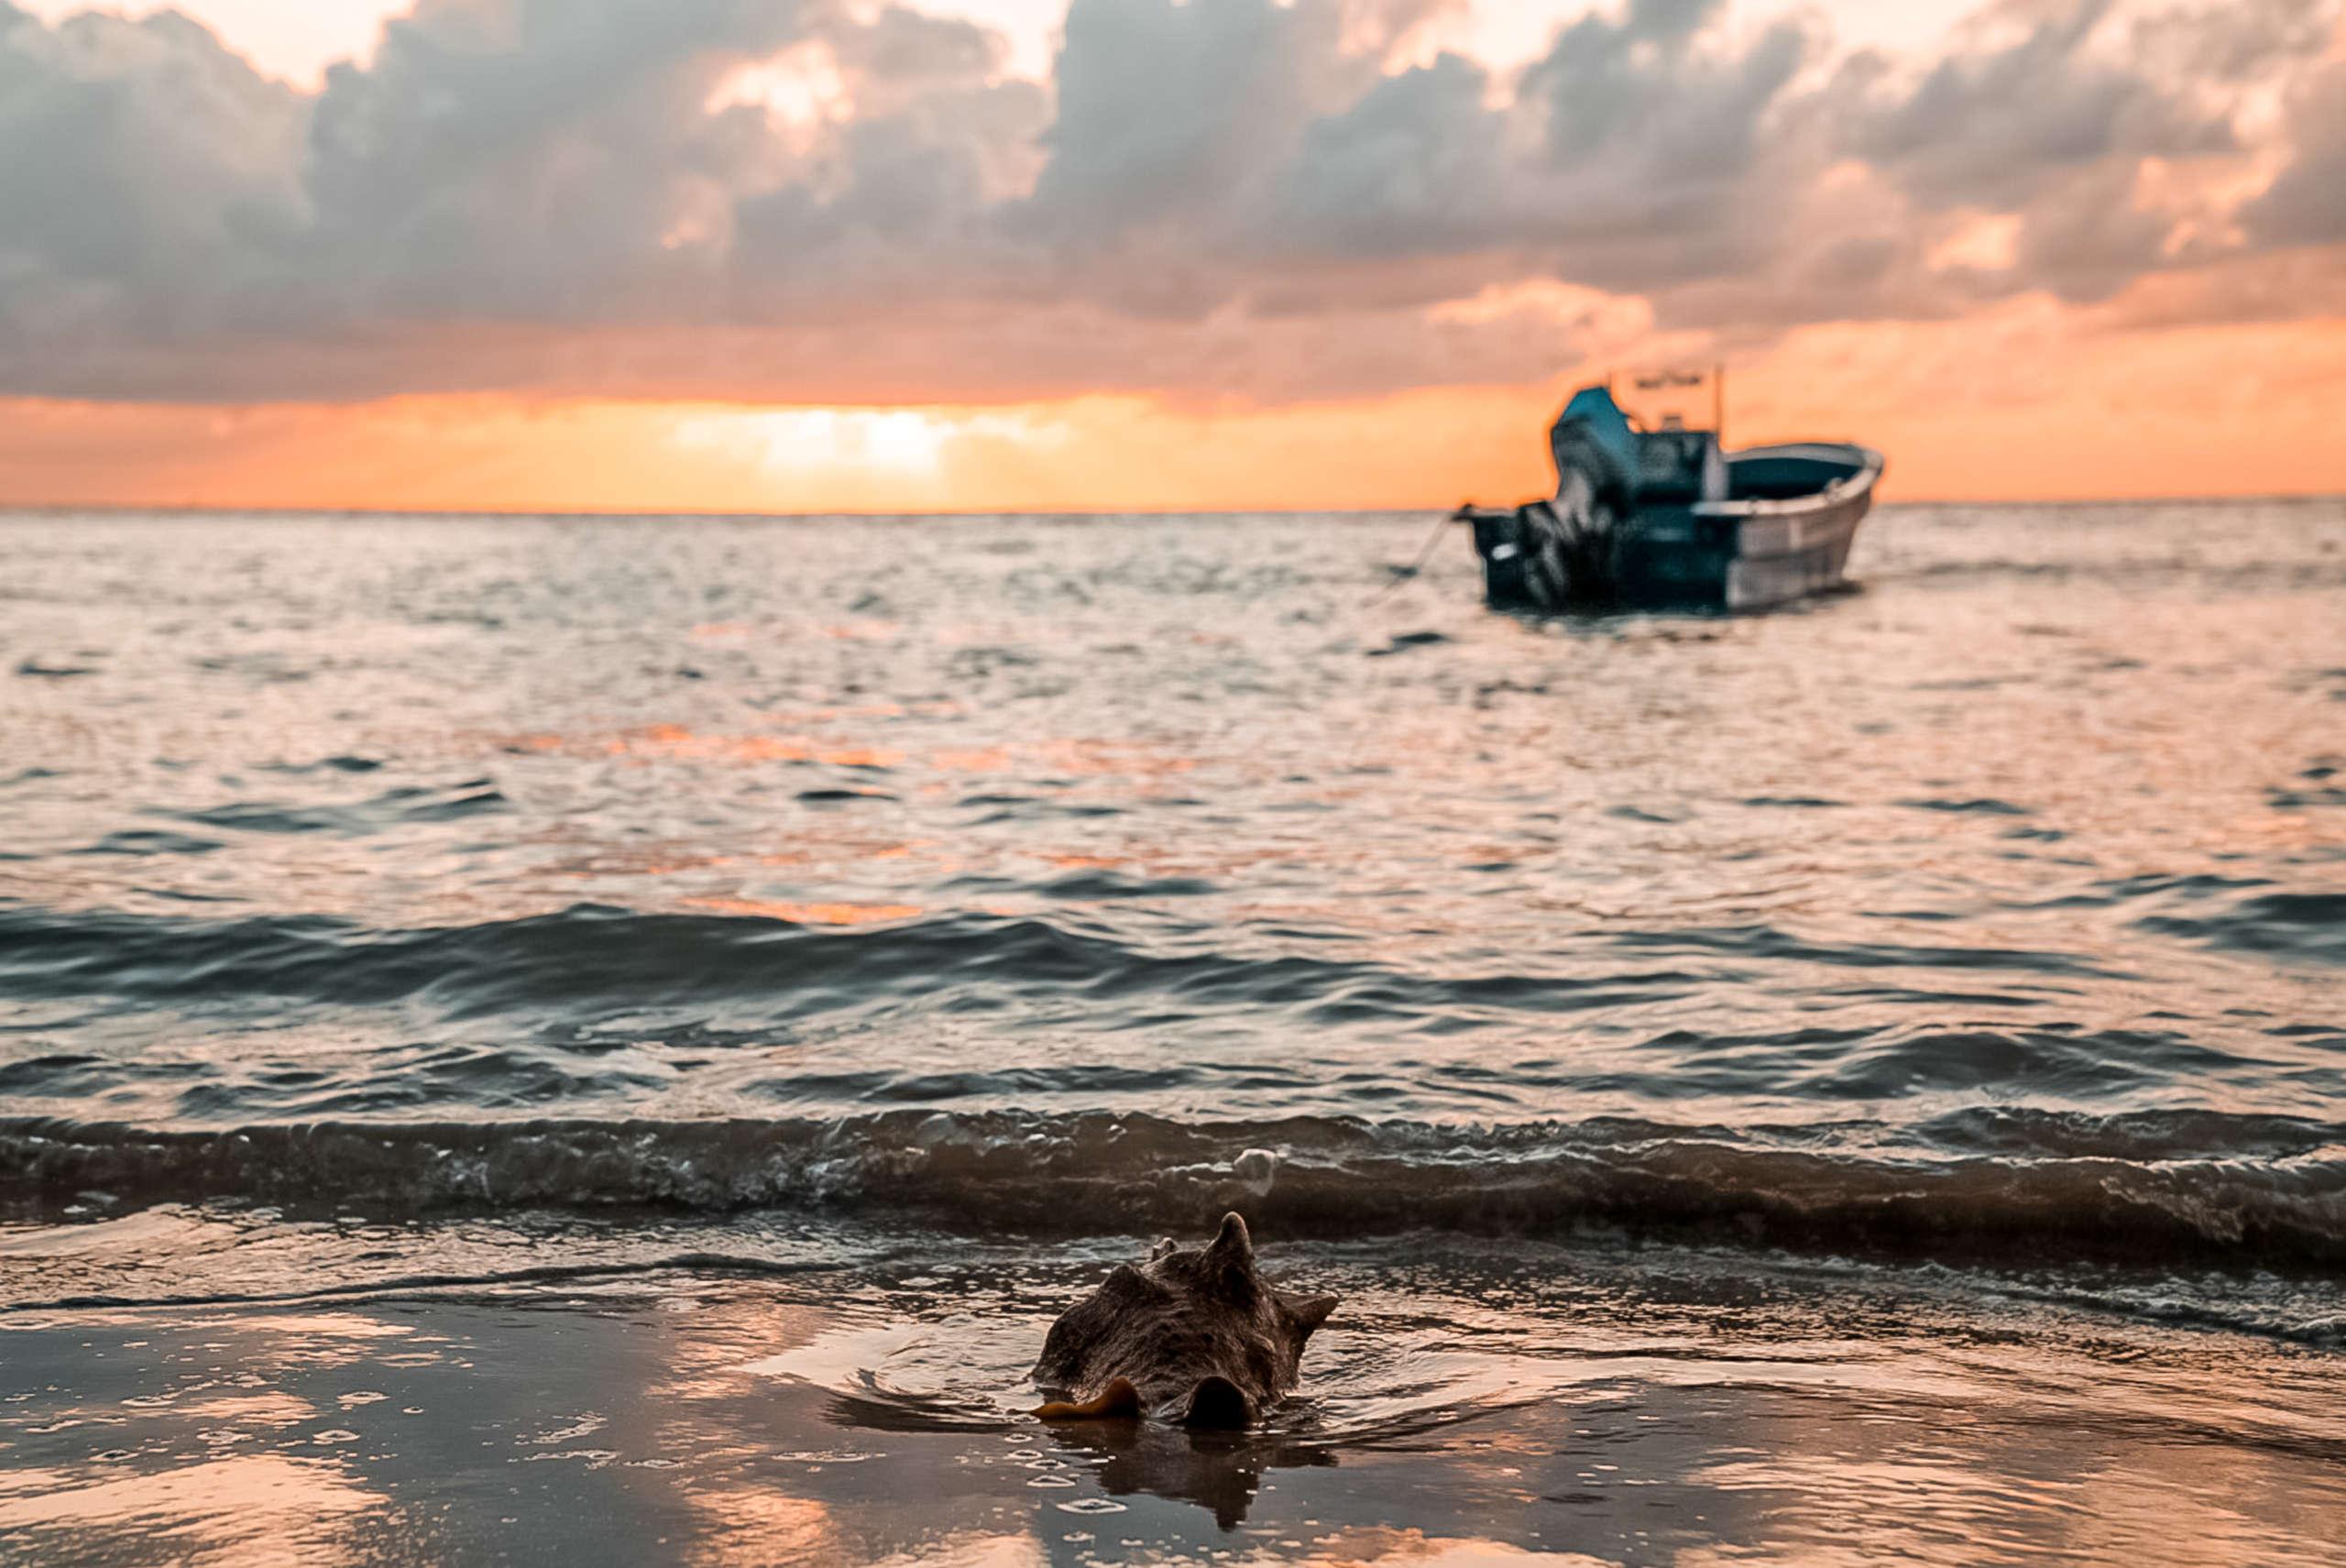 Ein Boot das im Meer liegt und eine große Muschel die am Strand lieg wärend dem Sonnenuntergang.